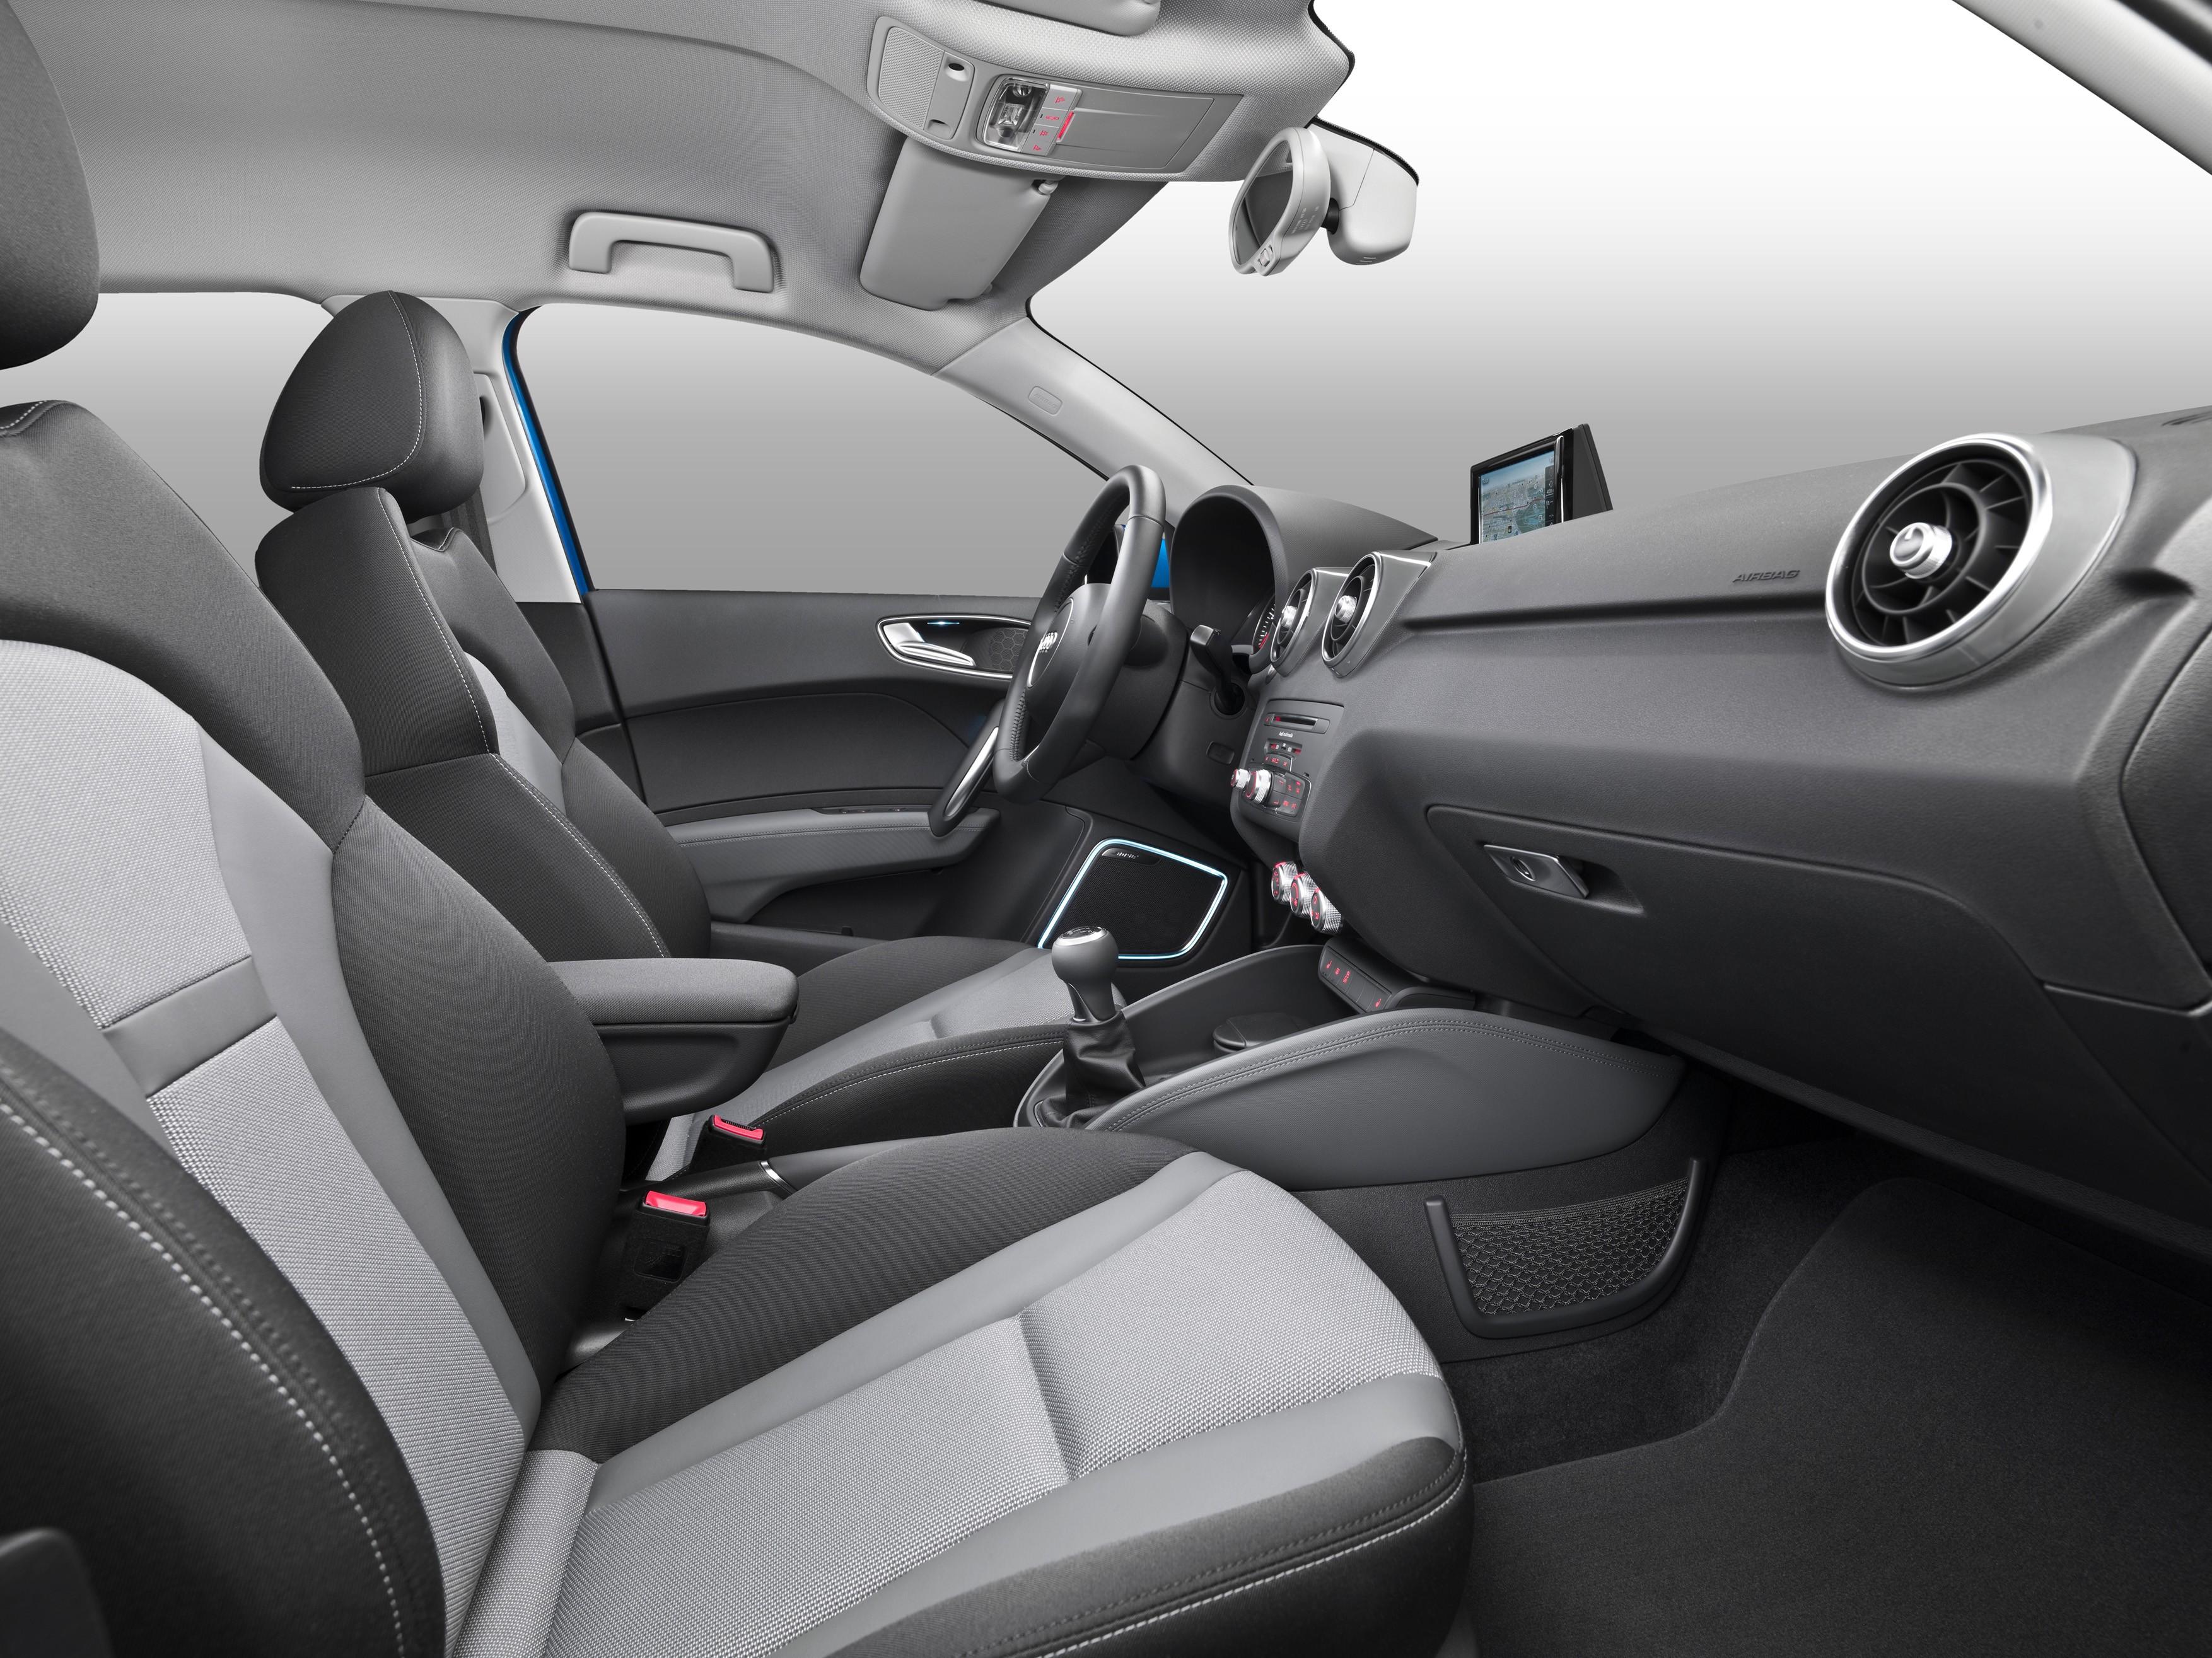 2015 audi a1 brings 3 cylinder tfsi engine to uk market 97 g km autoevolution. Black Bedroom Furniture Sets. Home Design Ideas